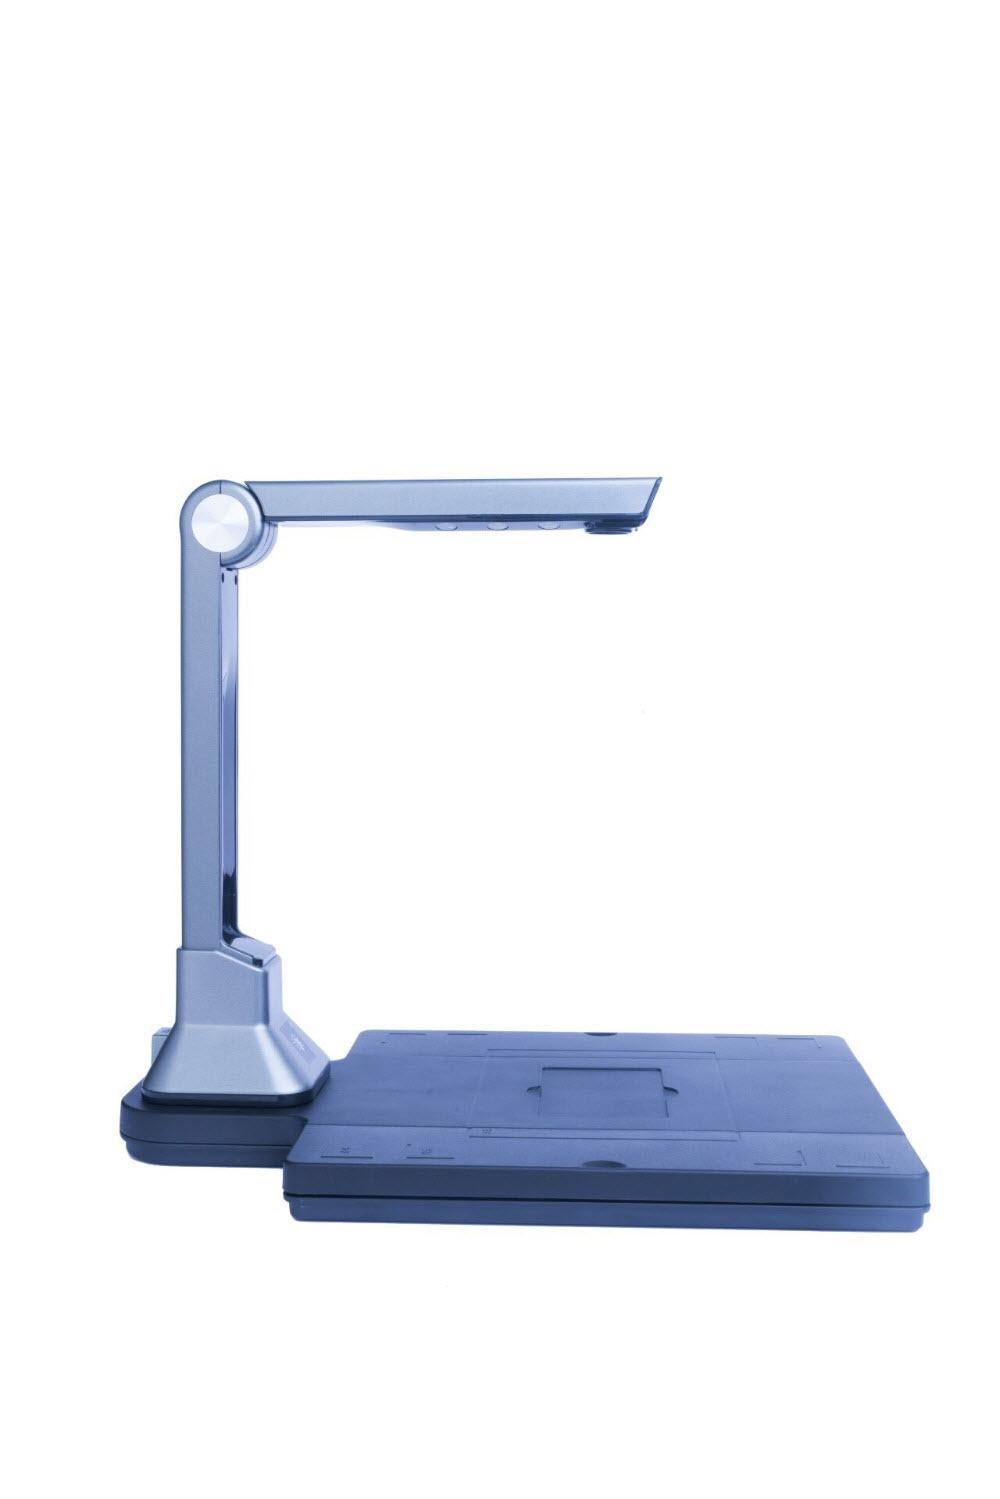 Máy Scan Màu Di Động Thông Minh Scan Tài Liệu A4/A5/A6/A7 K1000D 10 Mega Pixel AnZ